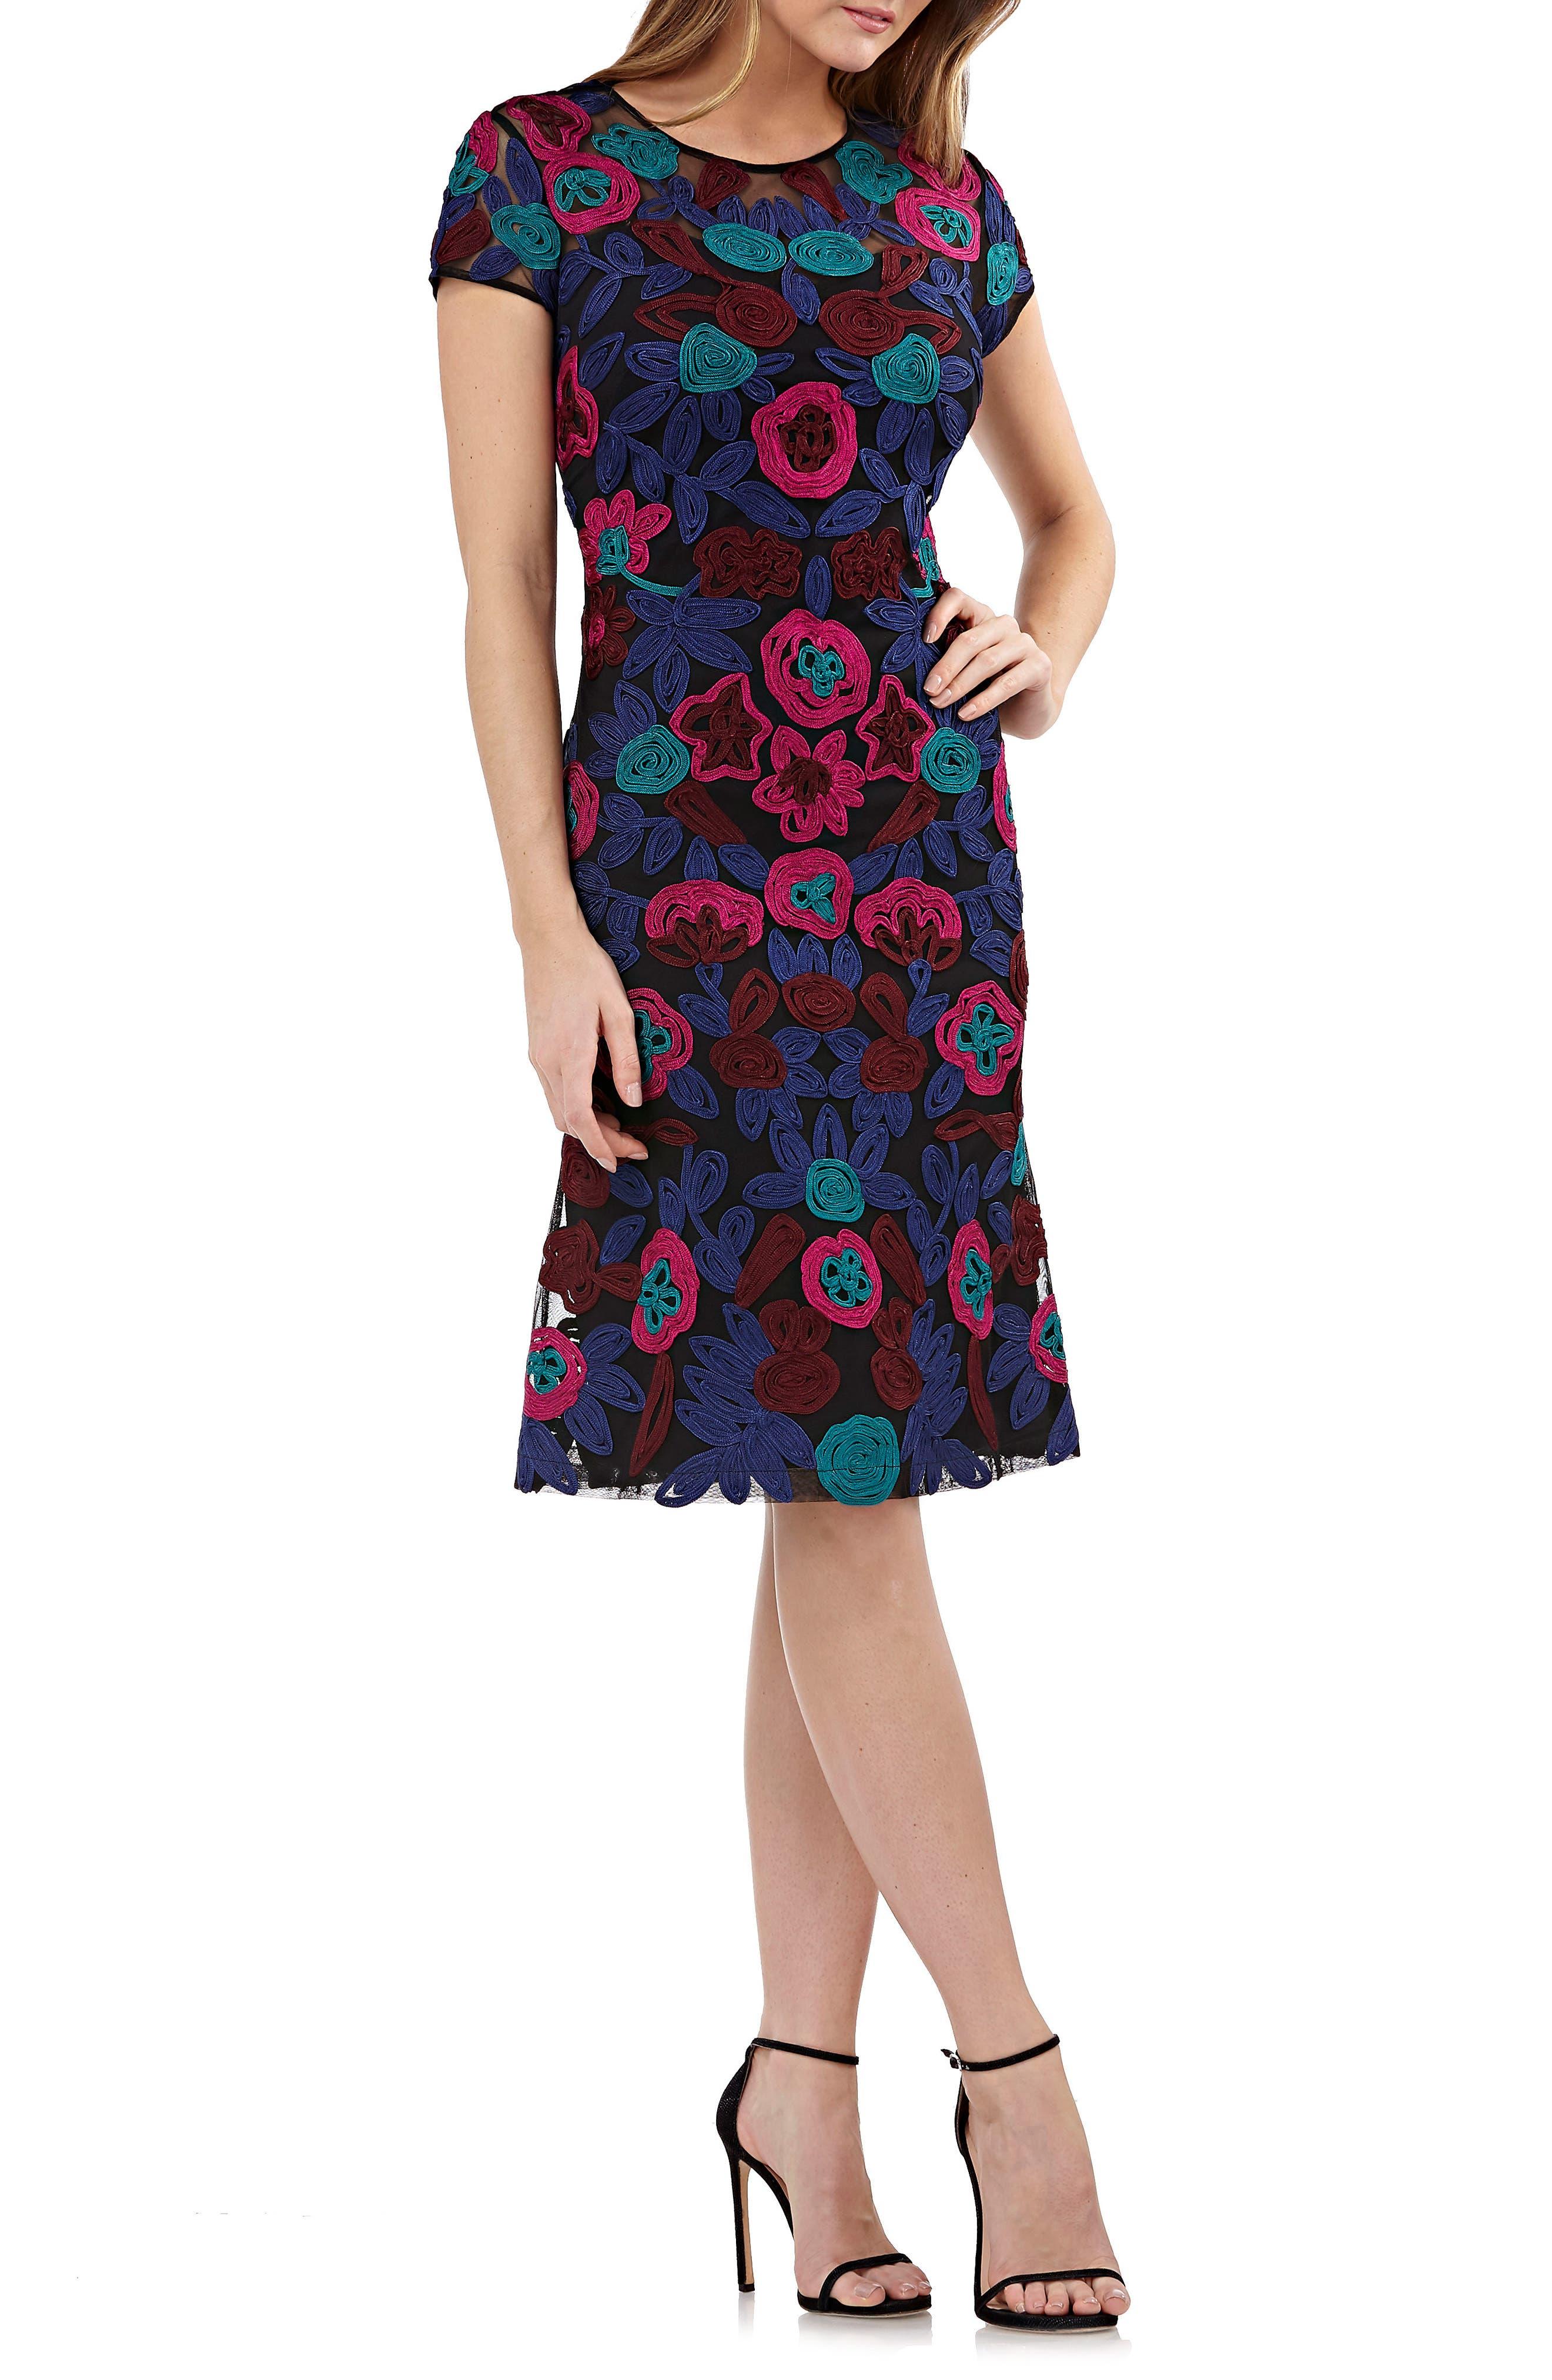 Js Collections Floral Soutache Cocktail Dress, Pink